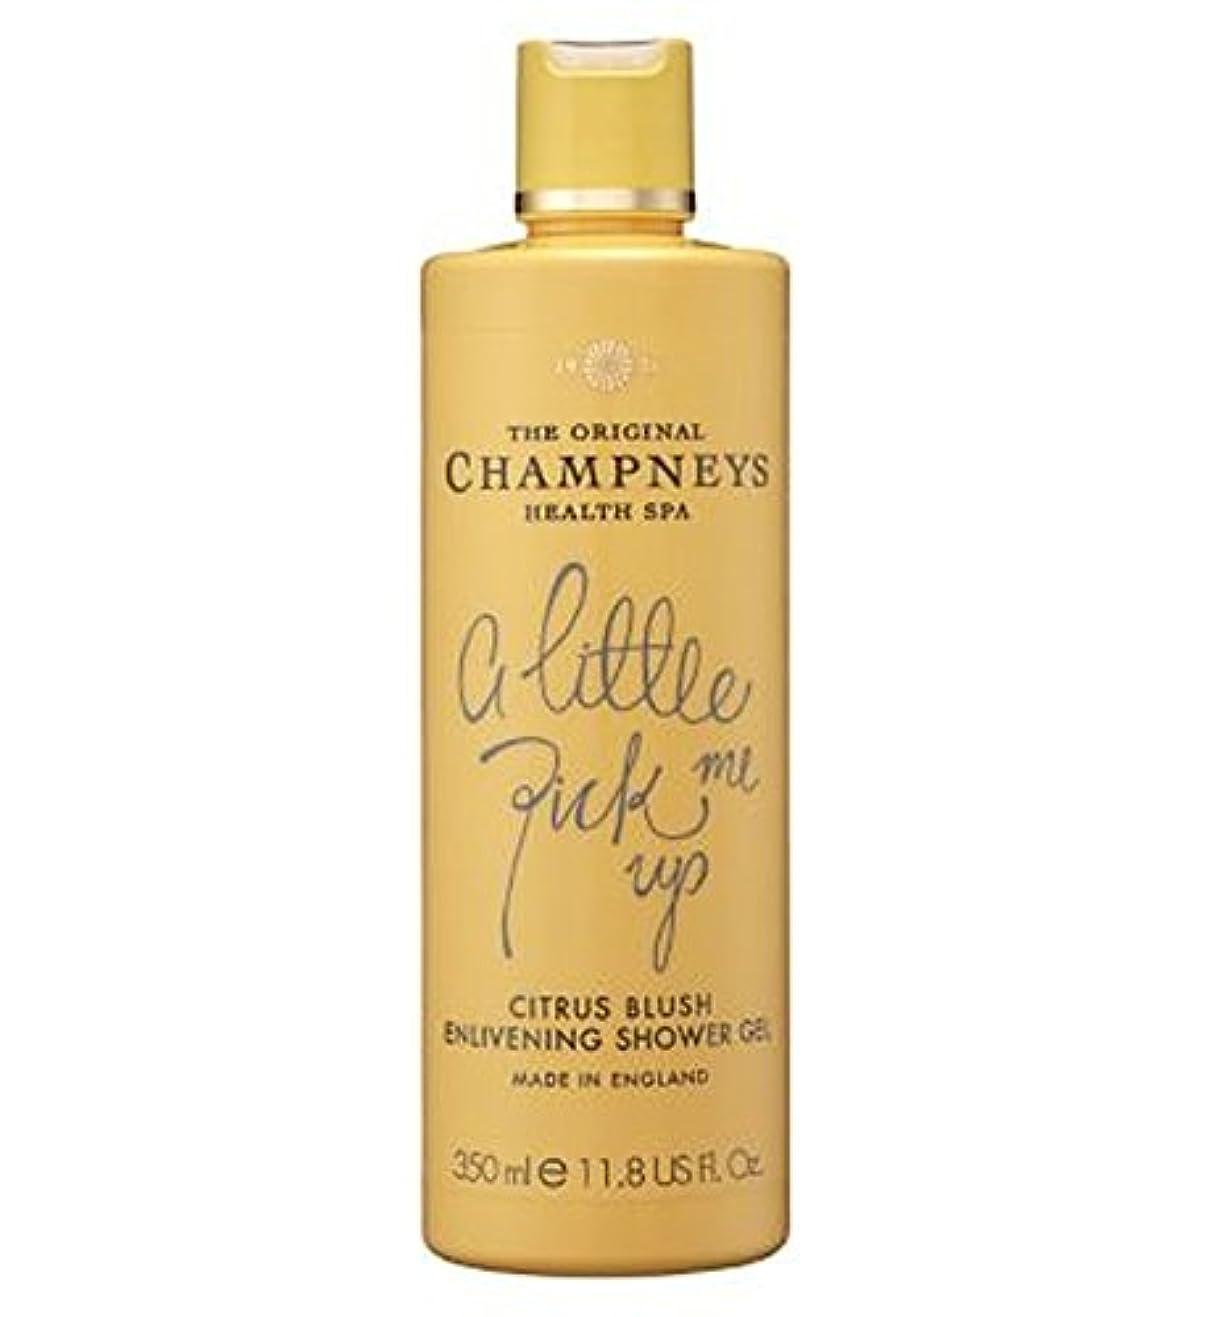 サンドイッチの慈悲で排除するChampneys Citrus Blush Enlivening Shower Gel 350ml - チャンプニーズシトラス赤面盛り上げシャワージェル350ミリリットル (Champneys) [並行輸入品]